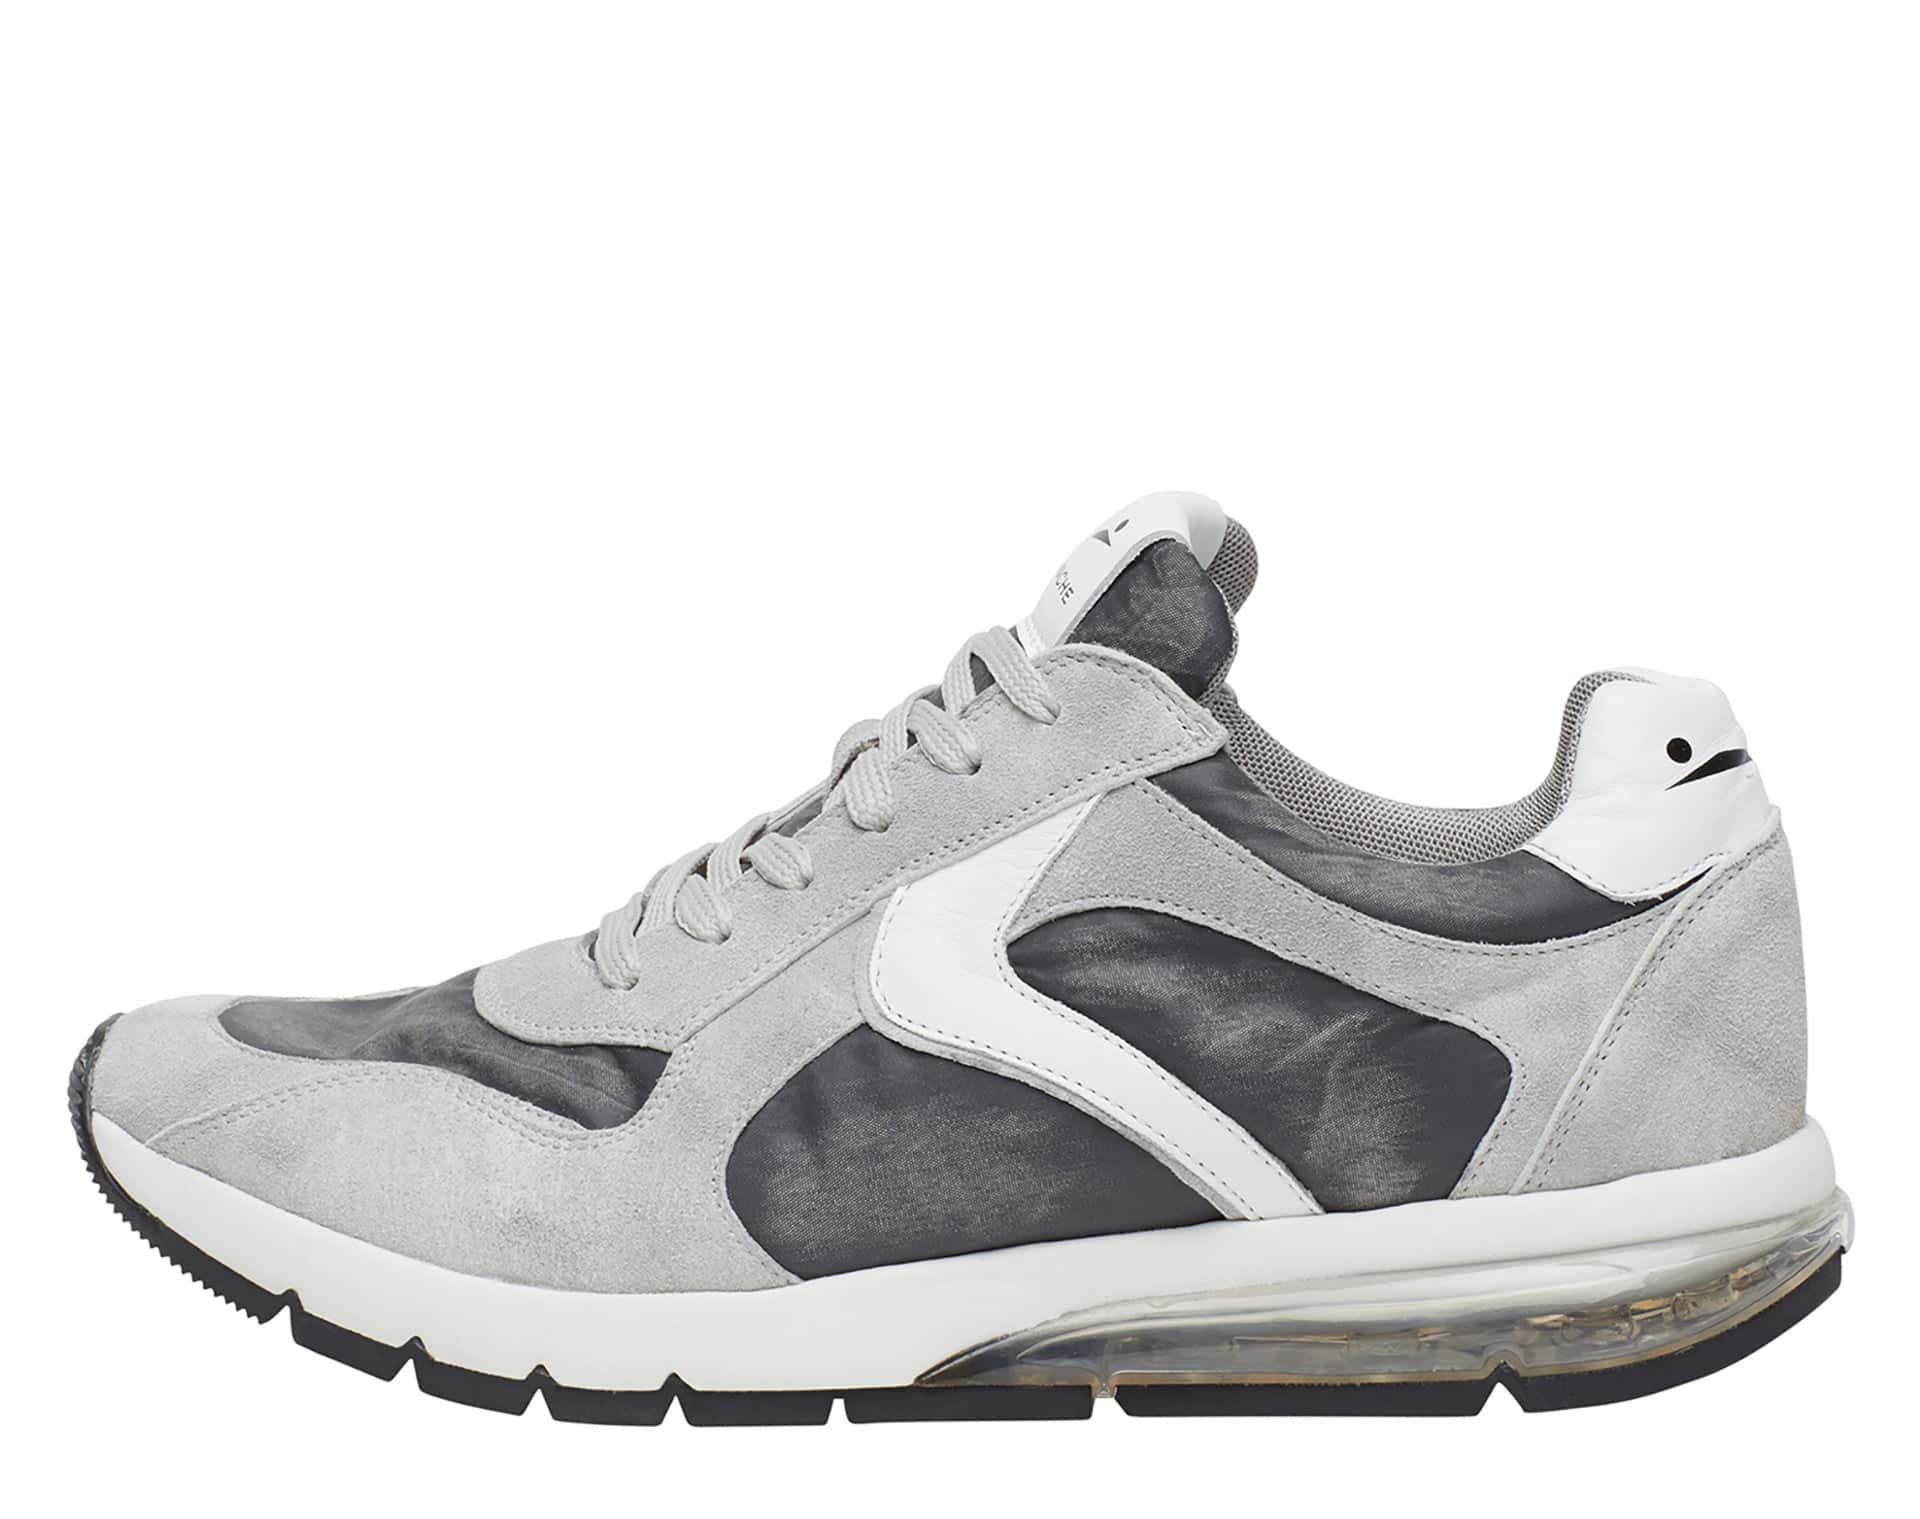 ARGO - Sneakers in pelle e nylon - Ghiaccio